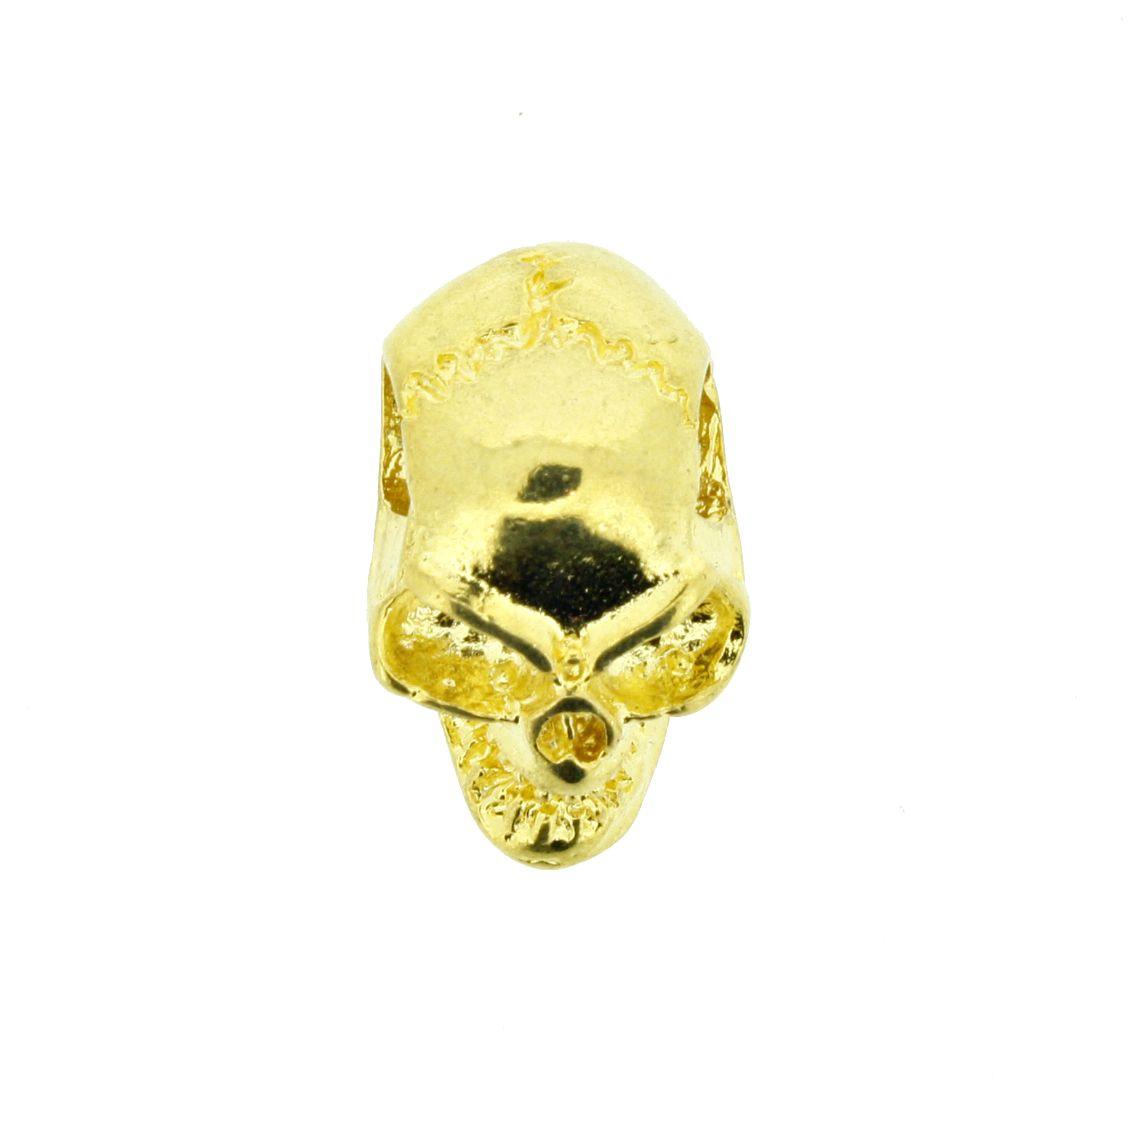 Caveira - Dourada - 17mm - 01 Peça  - Stéphanie Bijoux® - Peças para Bijuterias e Artesanato